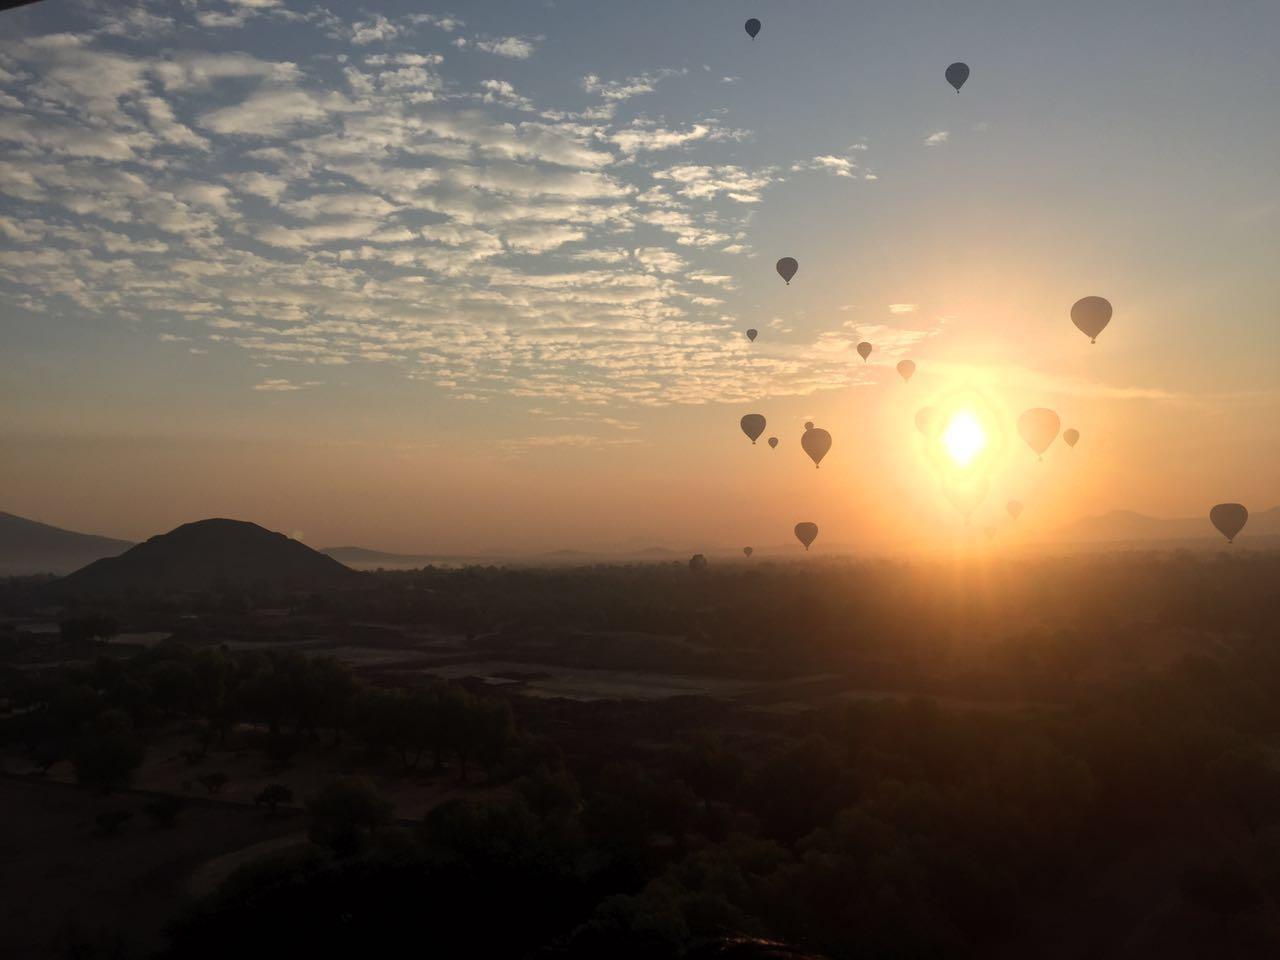 Vuelo al Amanecer en Teotihuacán